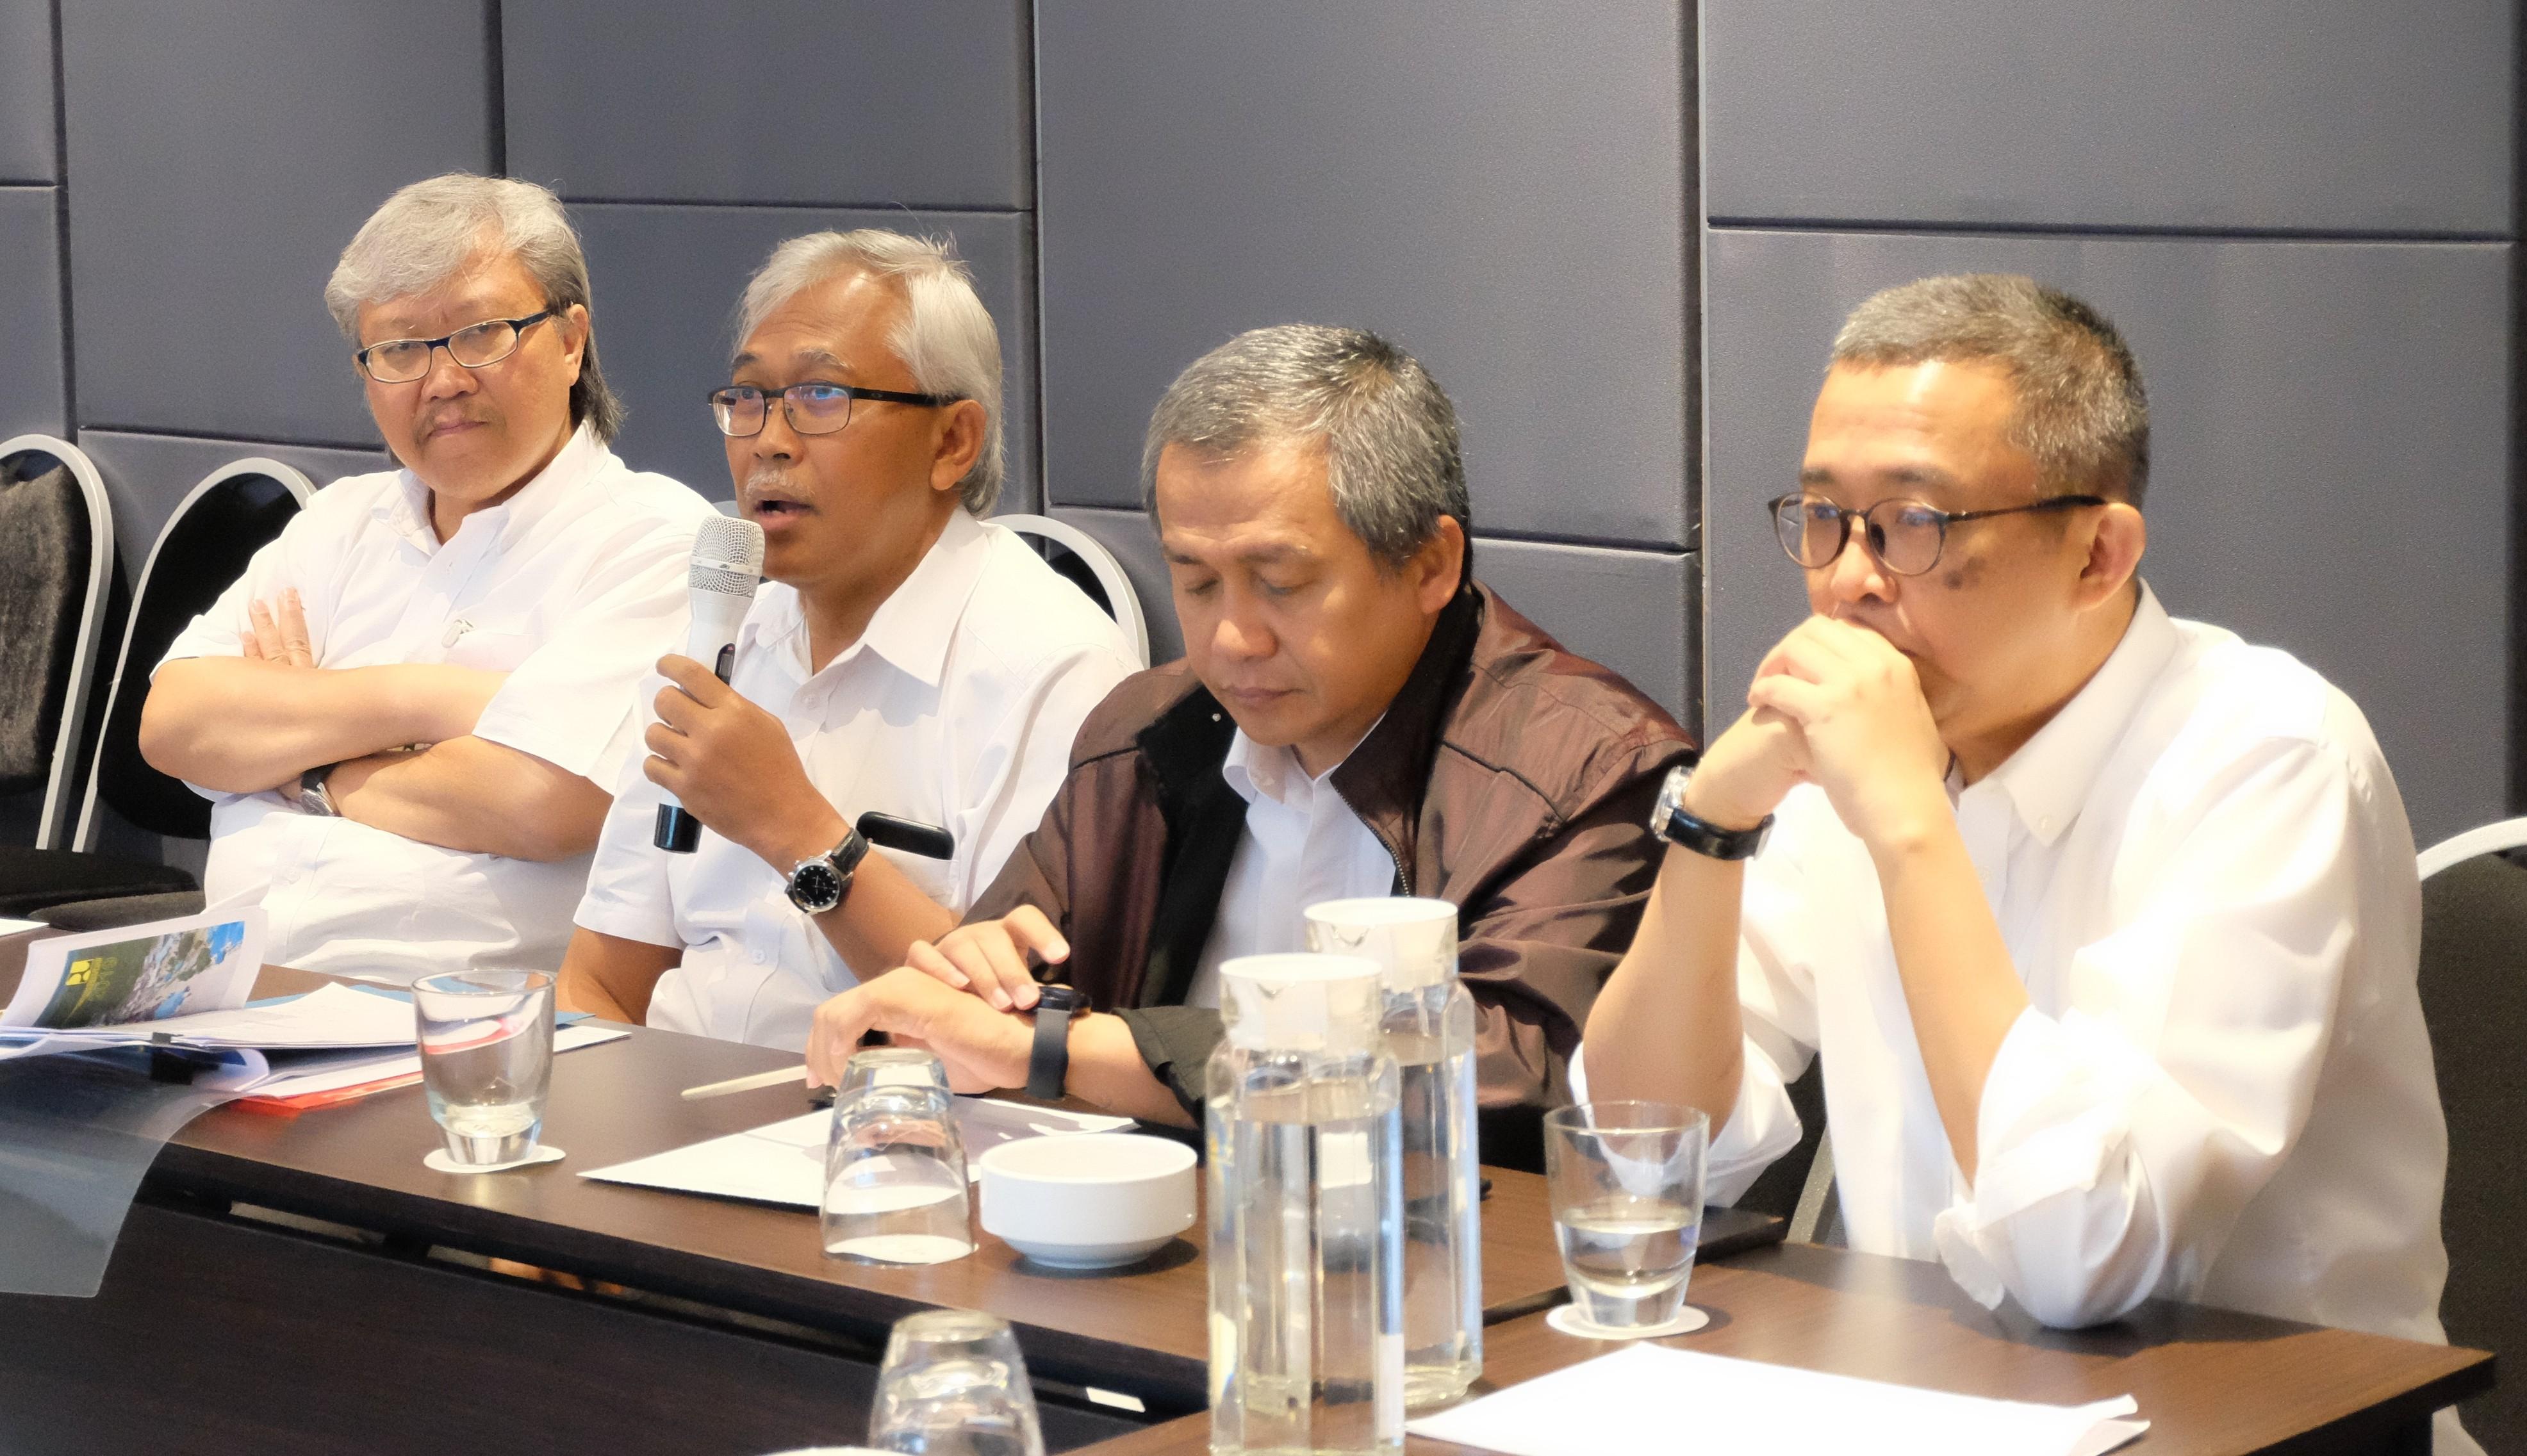 Leader Perencanaan dan Pemrograman, BPIW Tajamkan Program dan Kegiatan 2020-2024